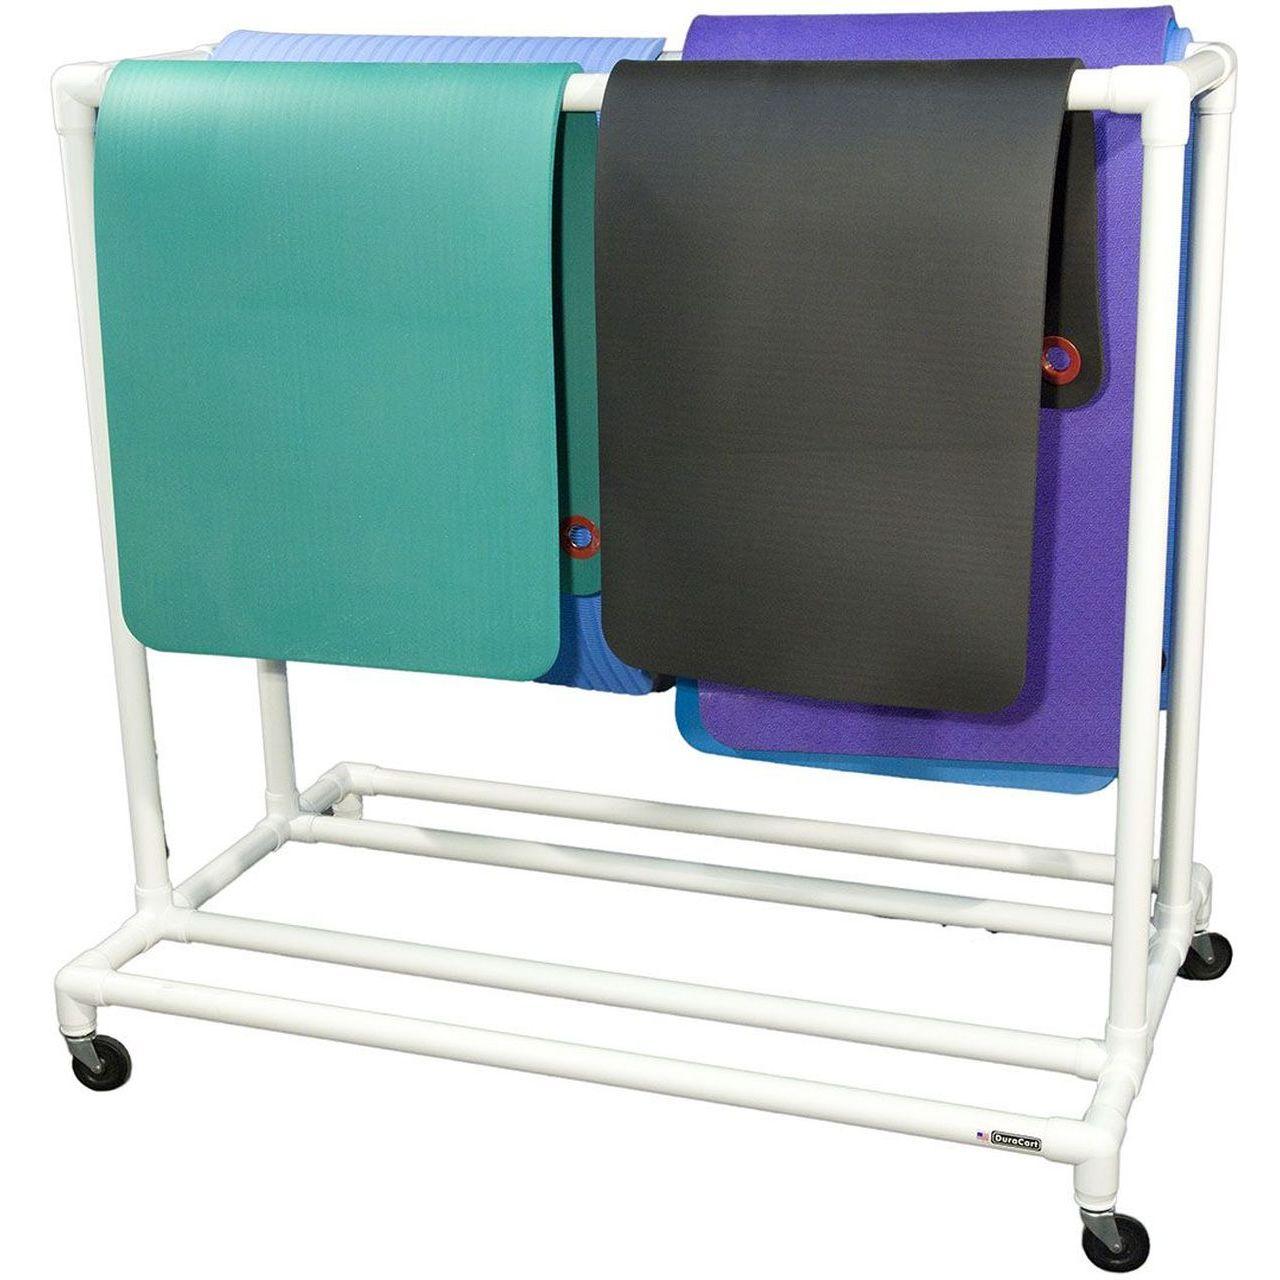 DuraCart Light Weight Double Mat Cart